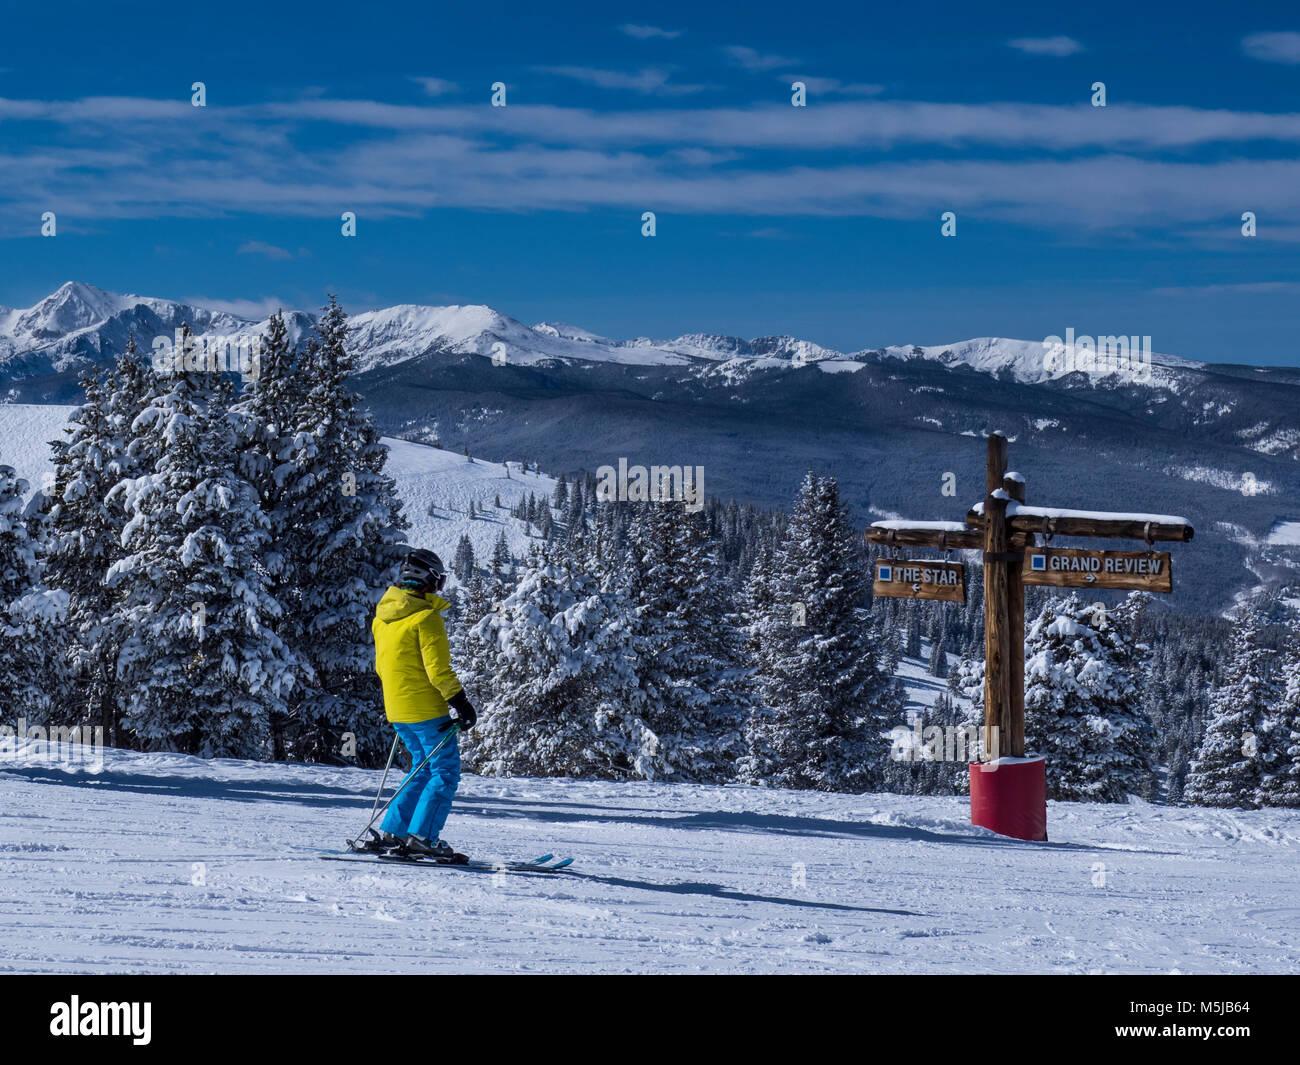 La sortie de l'étoile et des pistes de ski de Grand Review, hiver, Blue Sky Basin, Station de Ski de Vail, Photo Stock